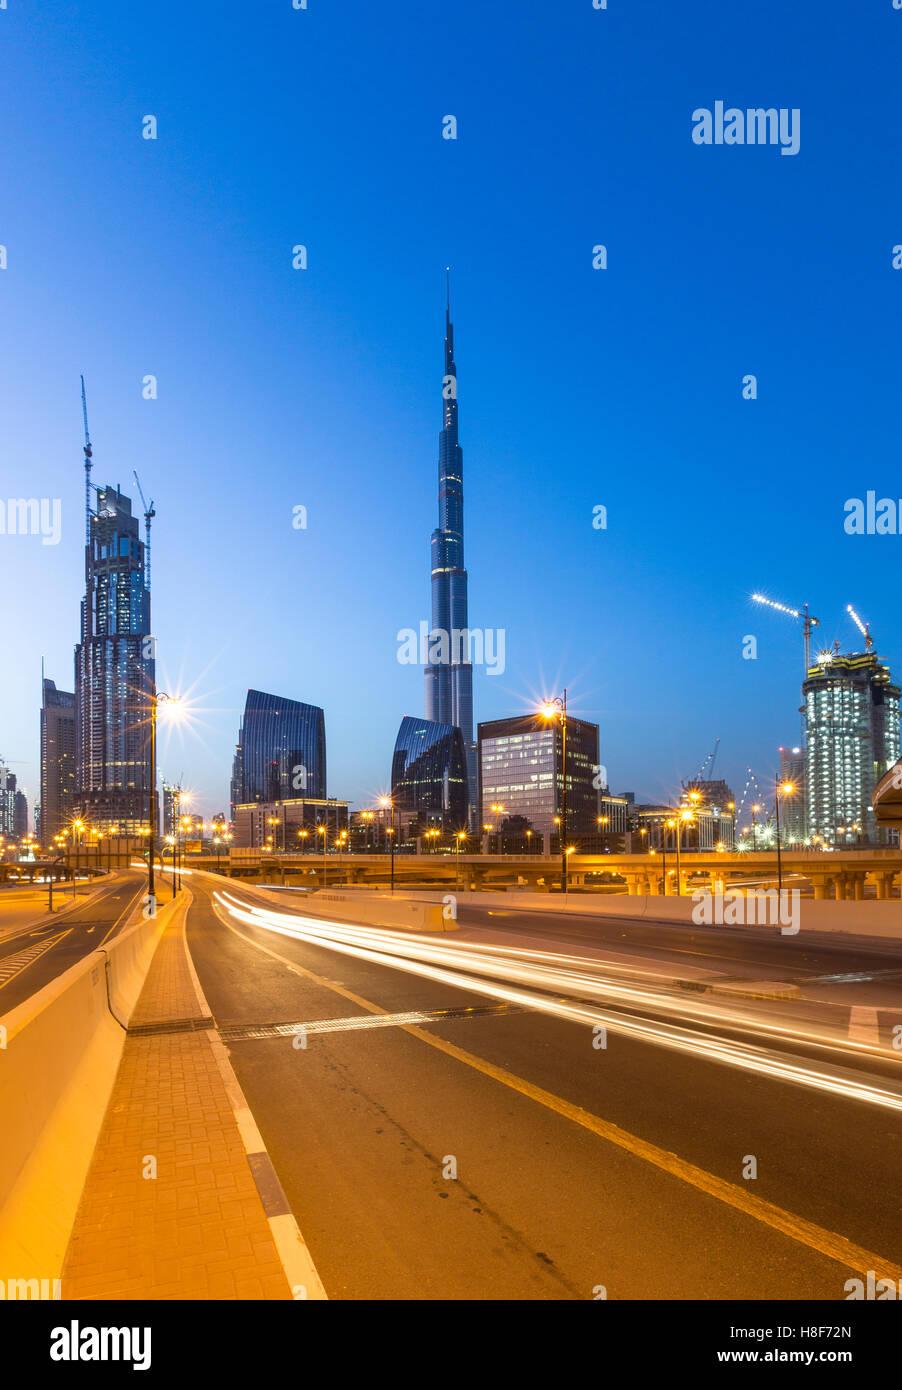 La Route Sheikh Zayed skyline et Burj Khalifa, crépuscule, le centre-ville, à Dubaï Photo Stock